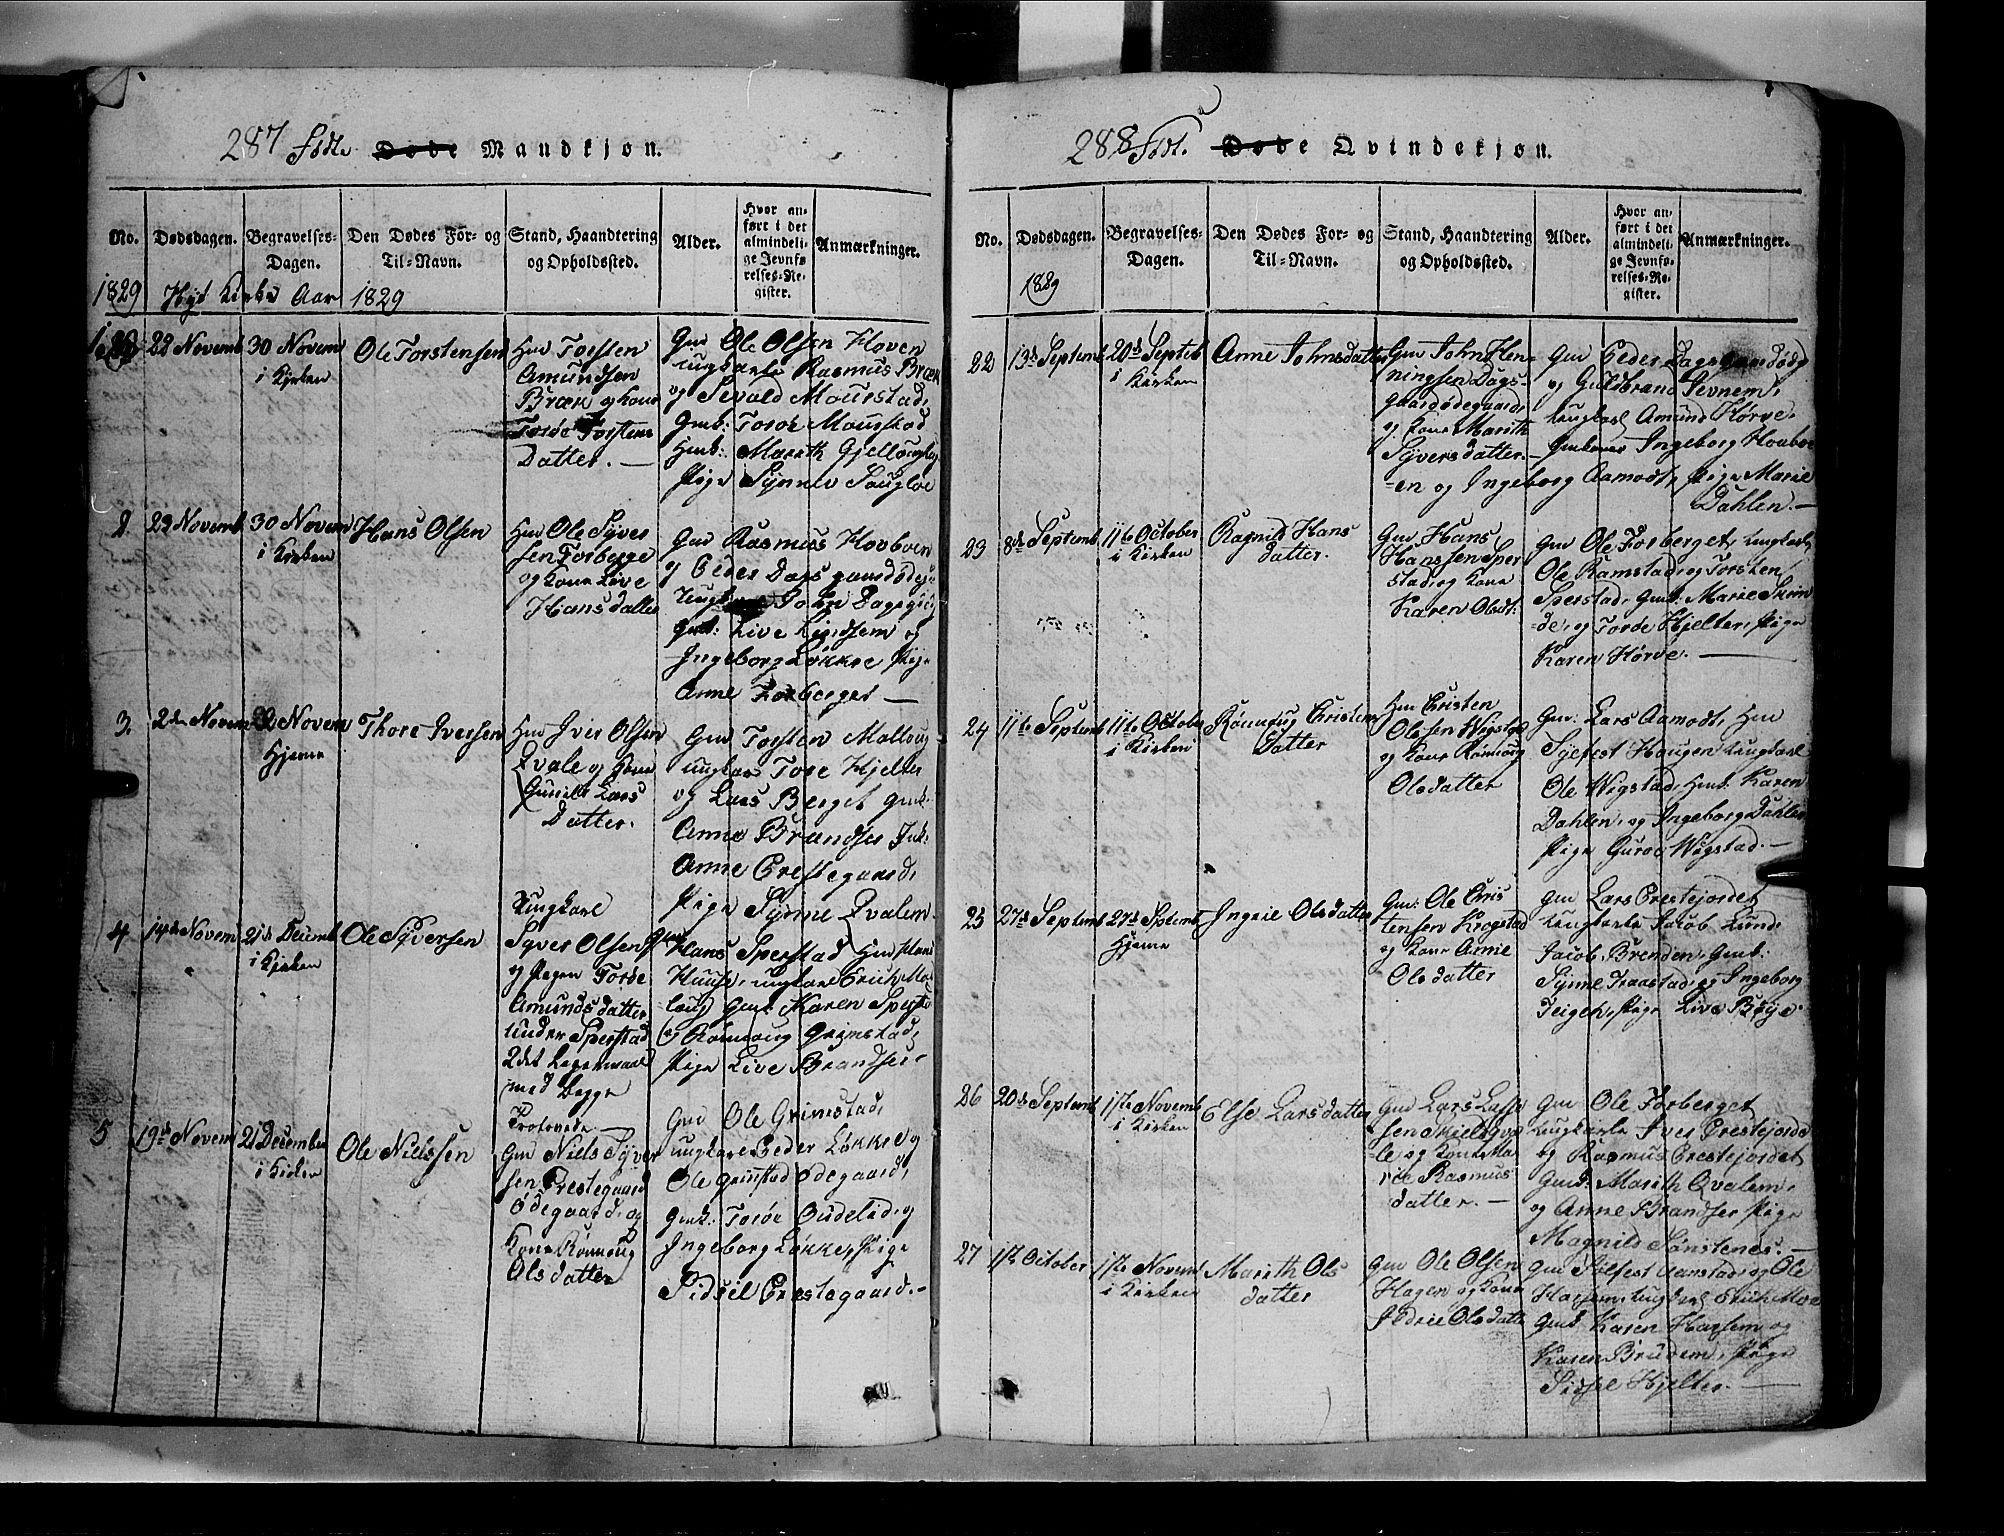 SAH, Lom prestekontor, L/L0003: Klokkerbok nr. 3, 1815-1844, s. 287-288